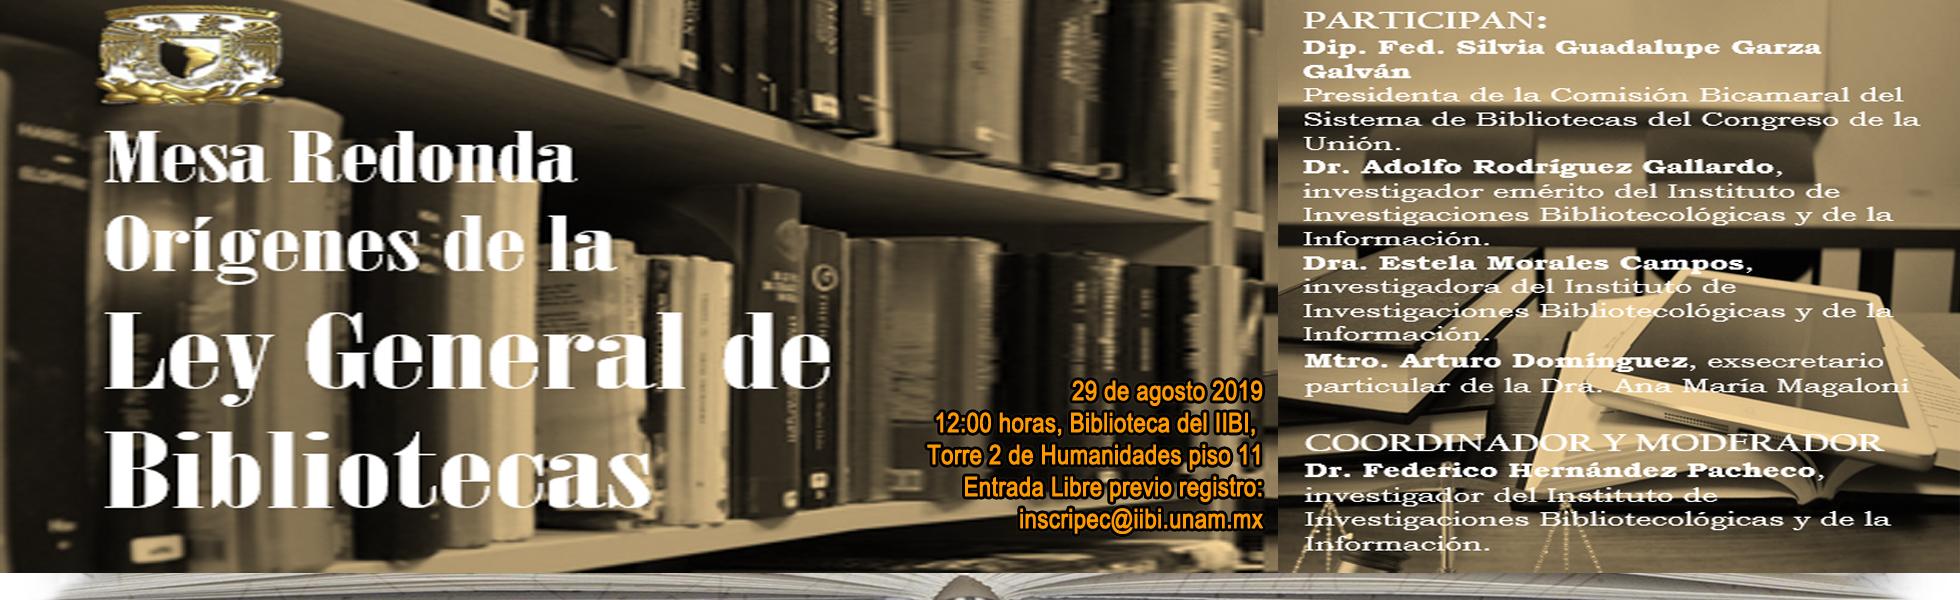 Mesa Redonda: Orígenes de la Ley General de Bibliotecas